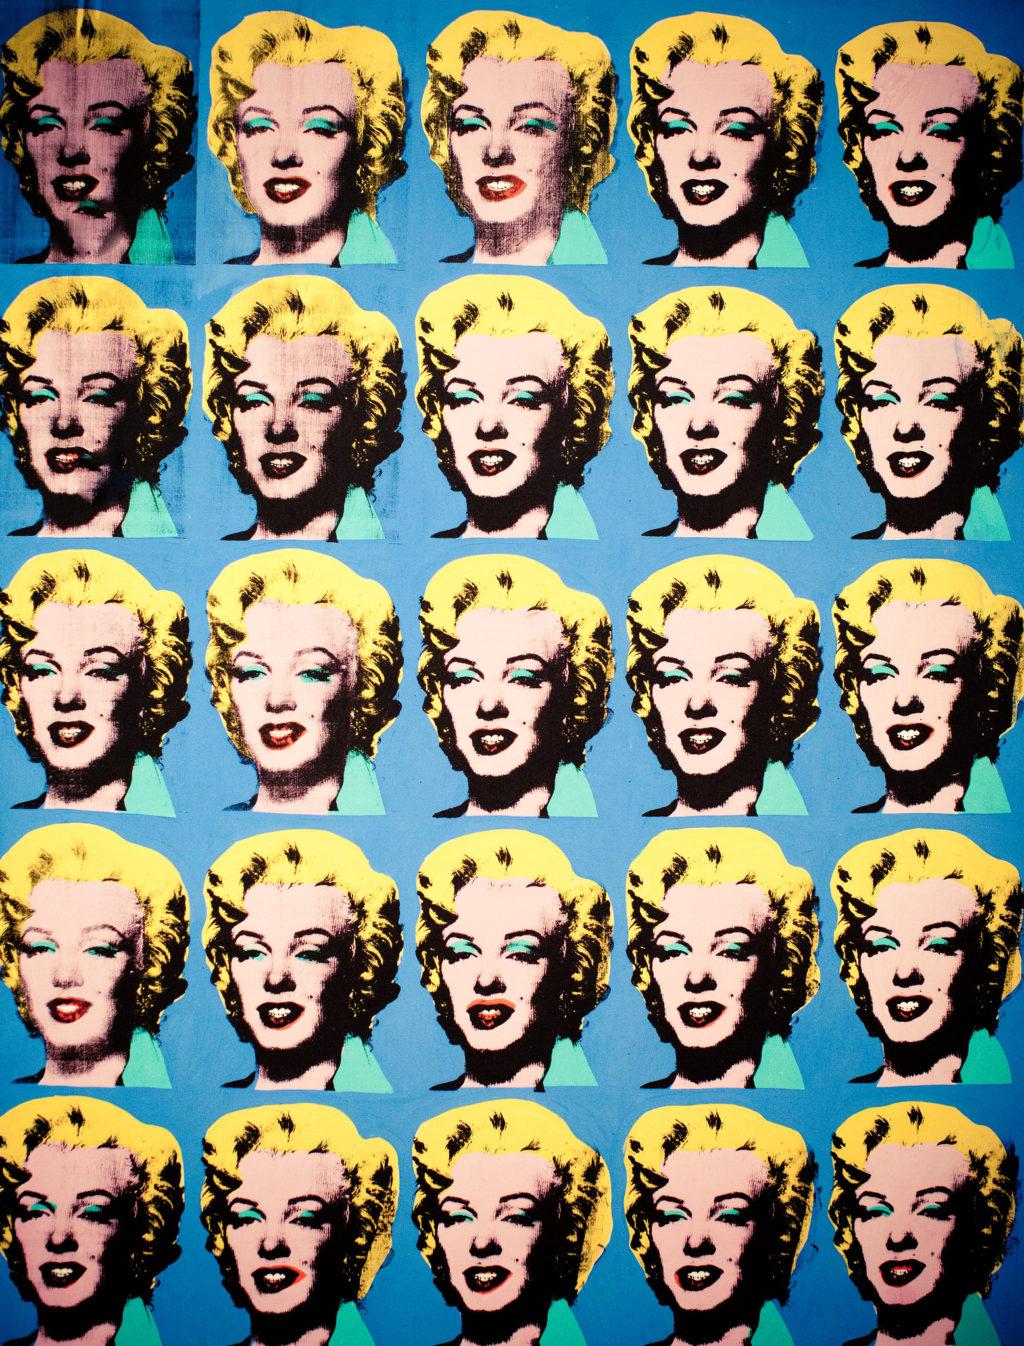 シルクスクリーンは1930年代からアーティストに愛されてきた表現方法